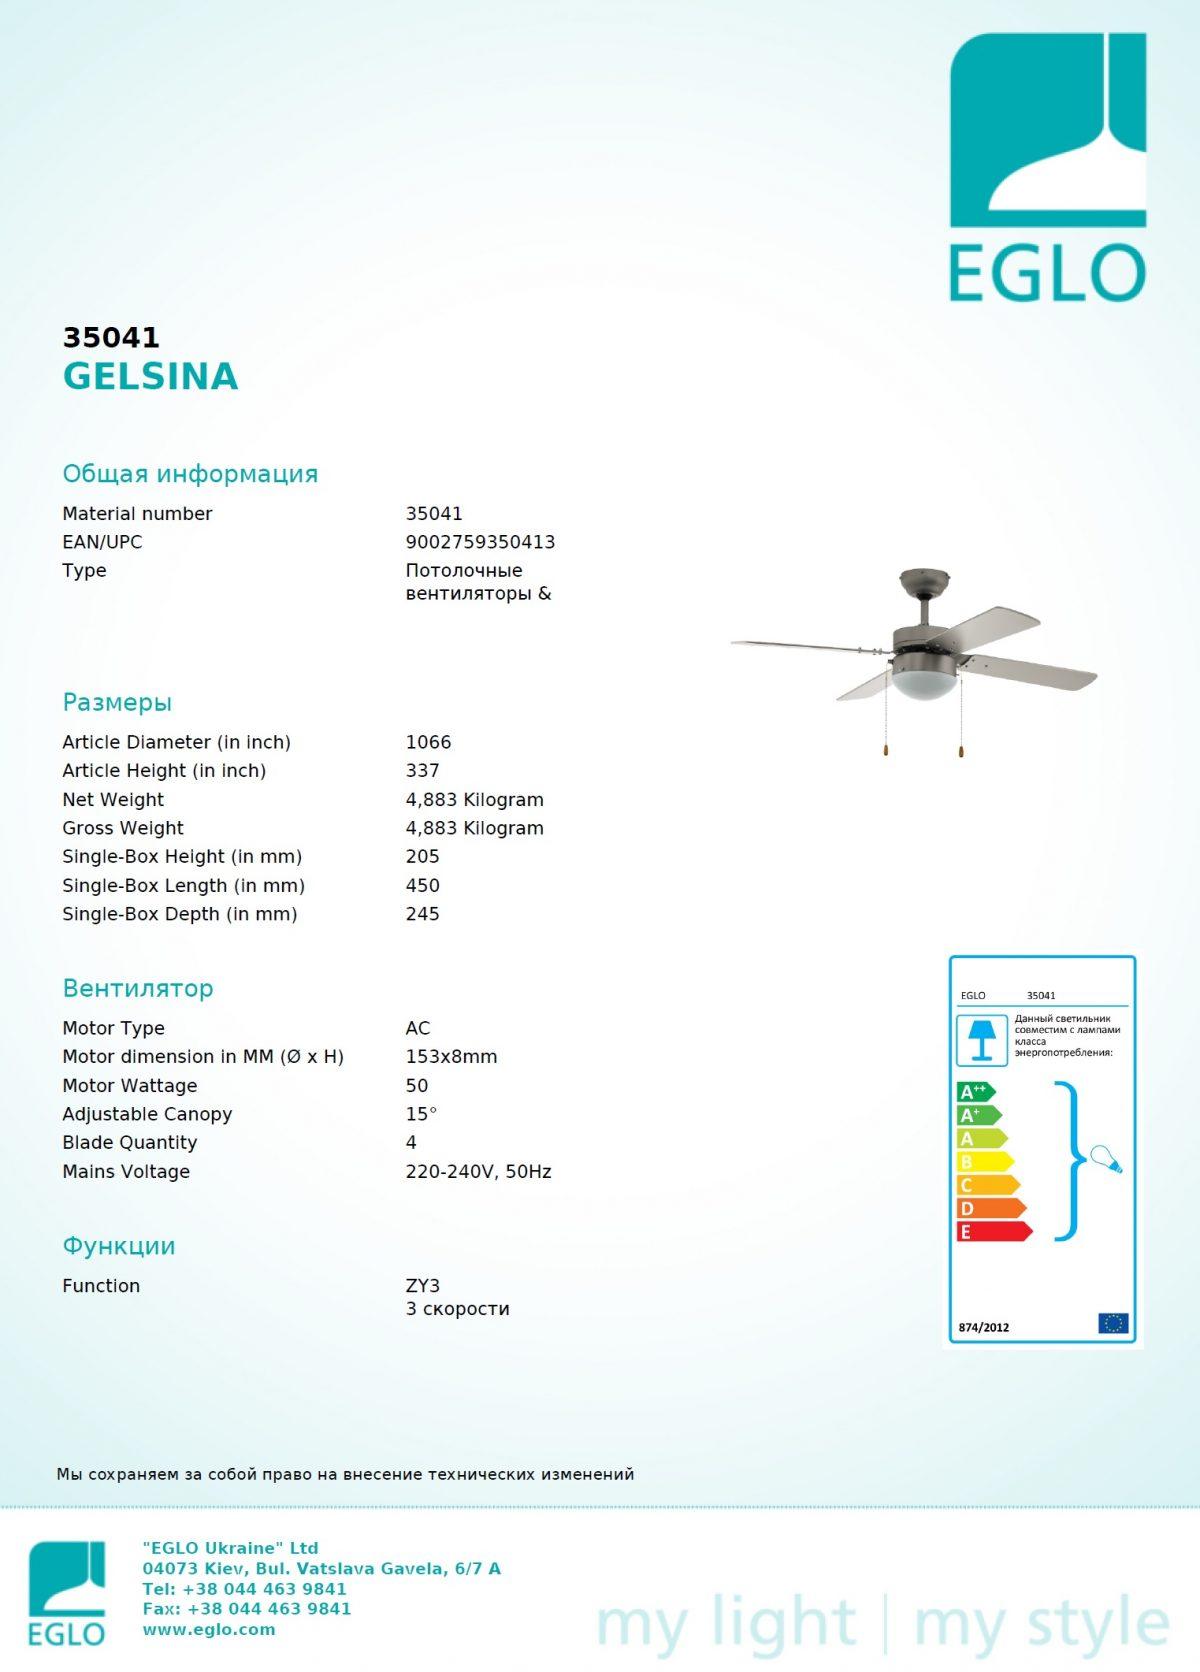 Люстра - вентилятор GELSINA EGLO 35041 - Фото №30